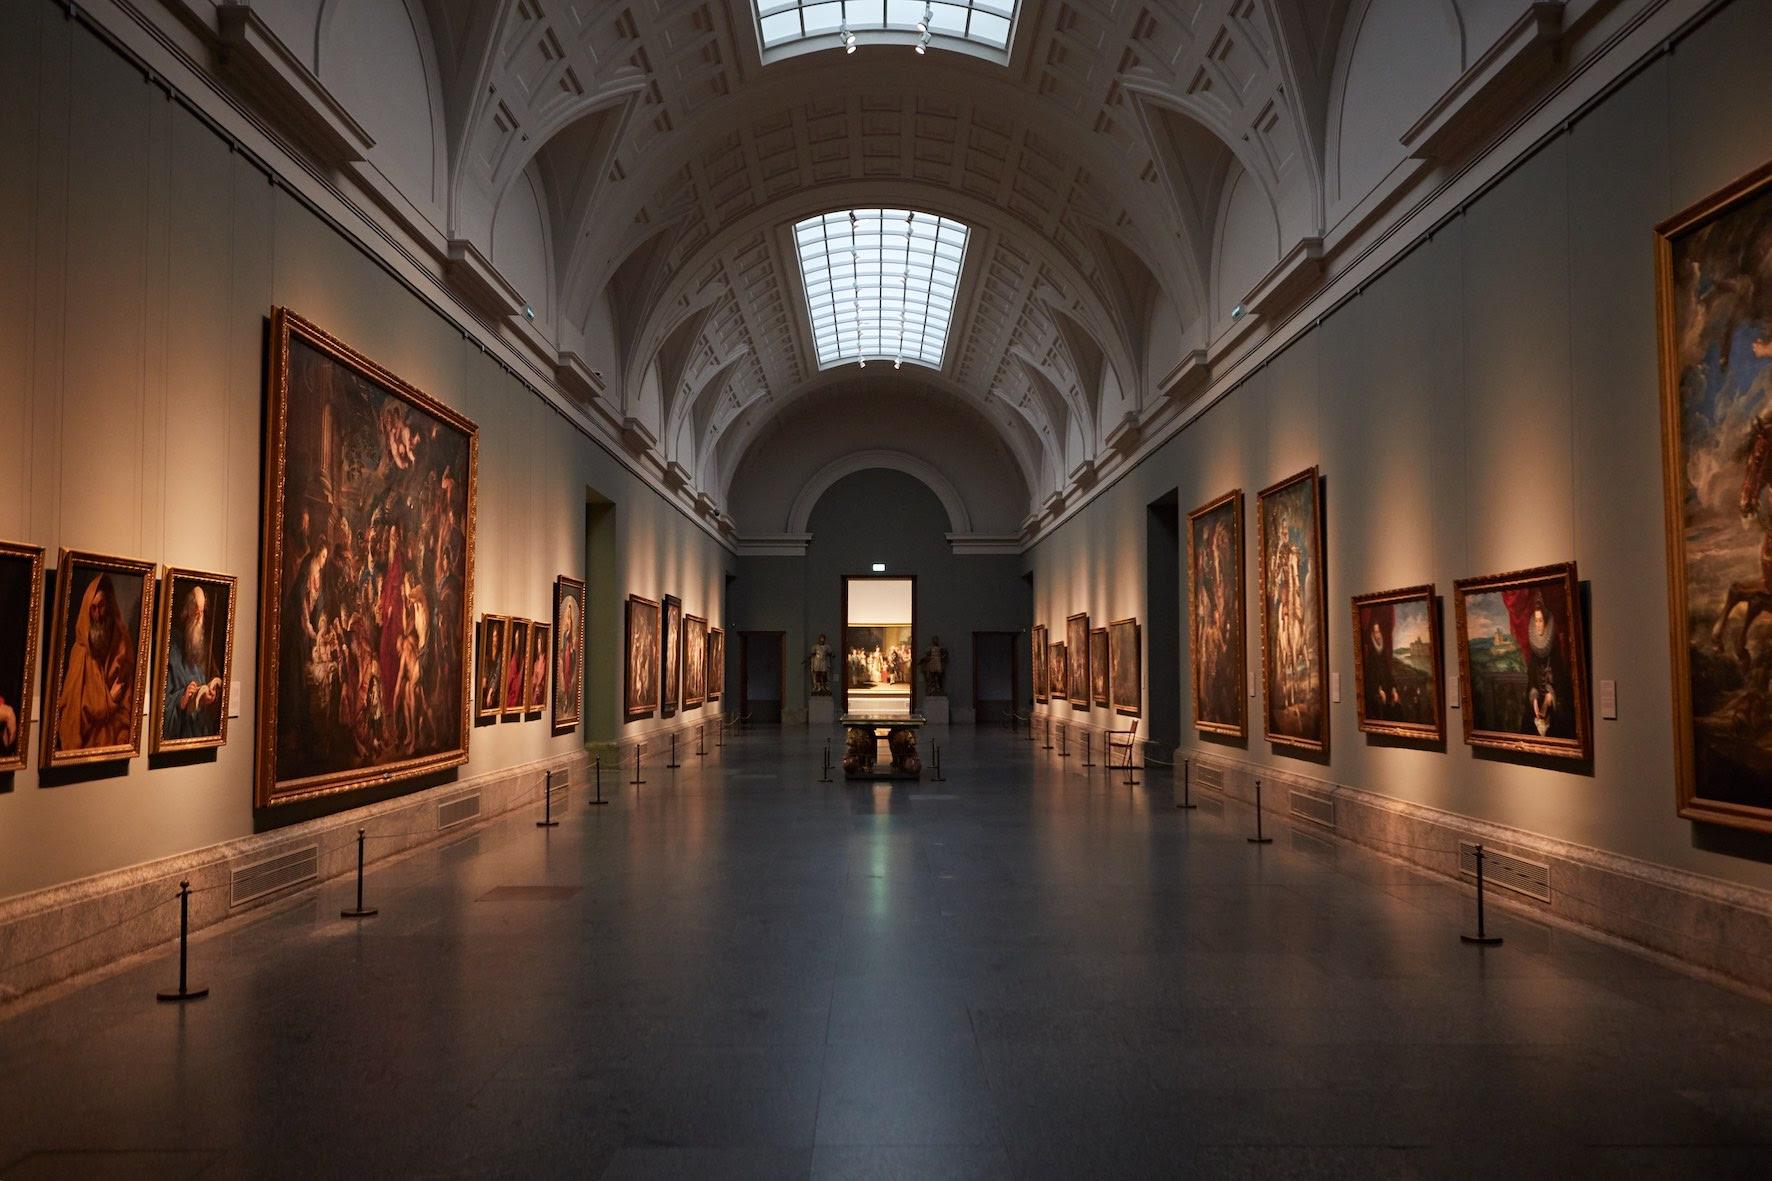 PINTORES Y REYES DEL PRADO: Un viaje histórico lleno de arte